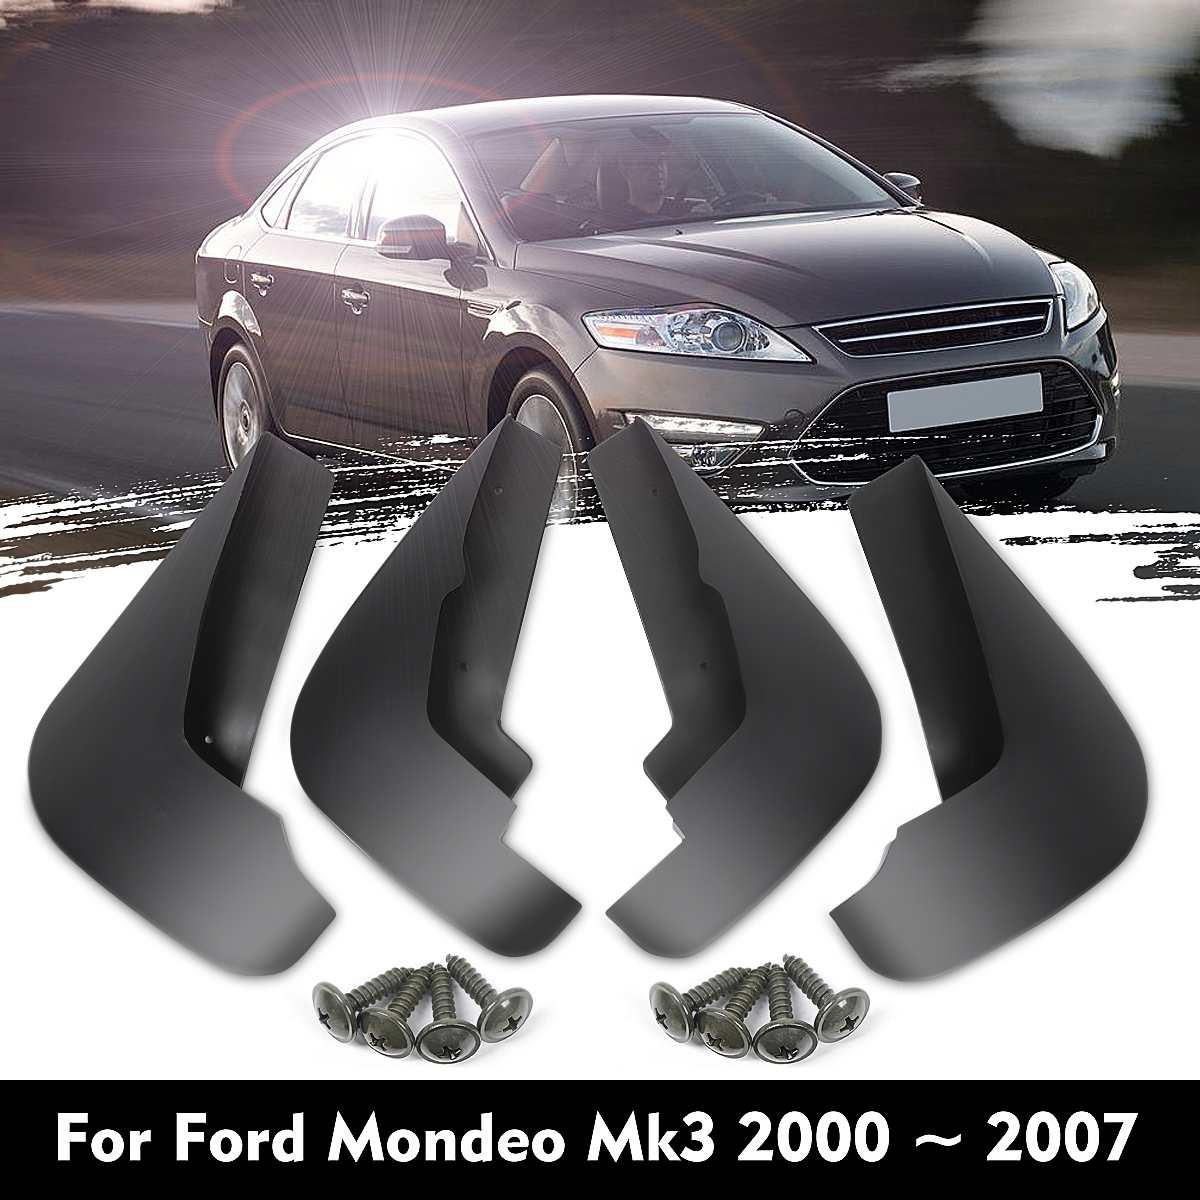 Брызговики для автомобиля Брызговики для Ford/Mondeo Mk3 2000 2001 2002 2003 2004 2005 2006 2007